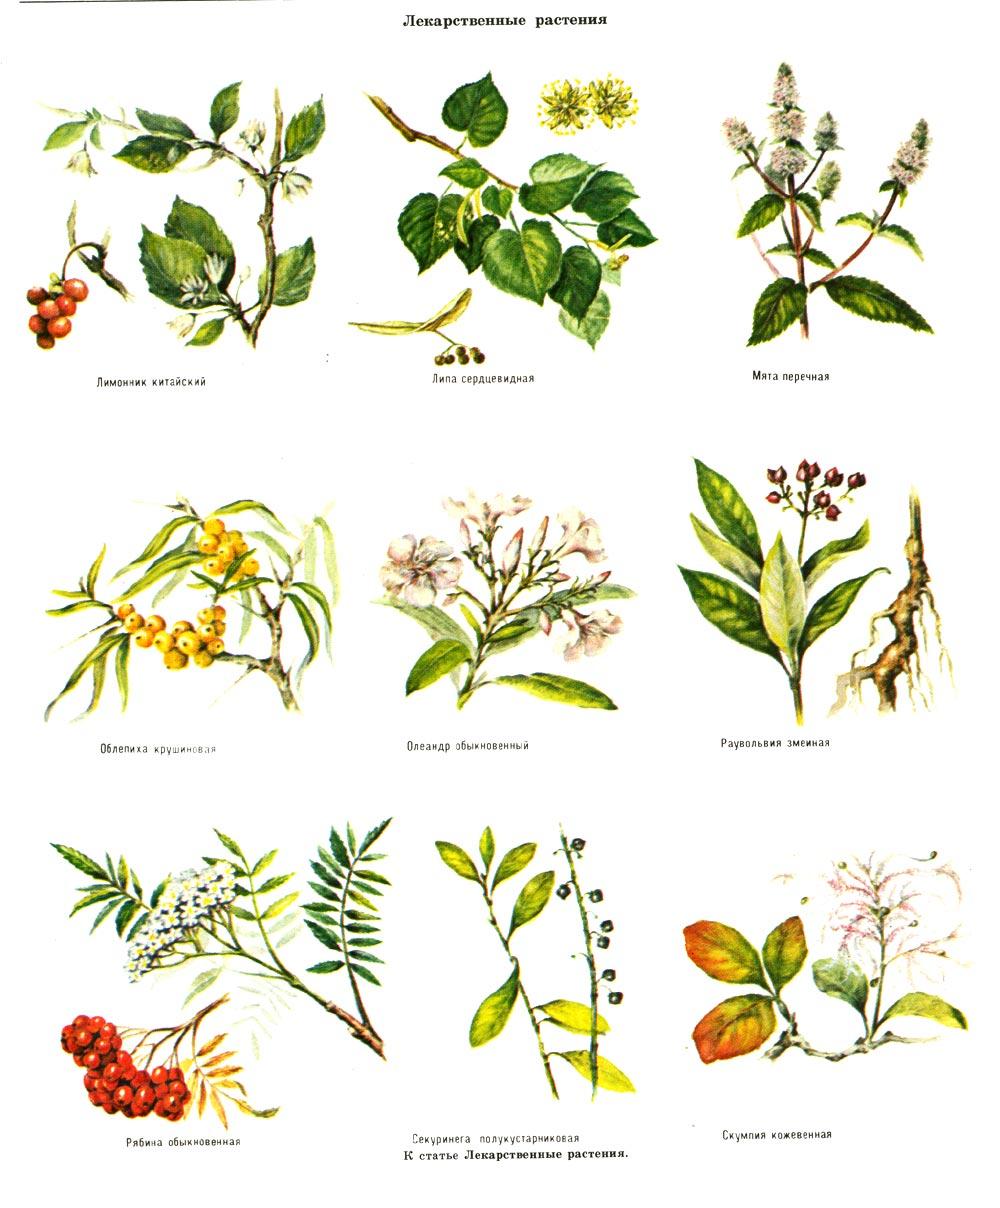 лекарственные растения. фото